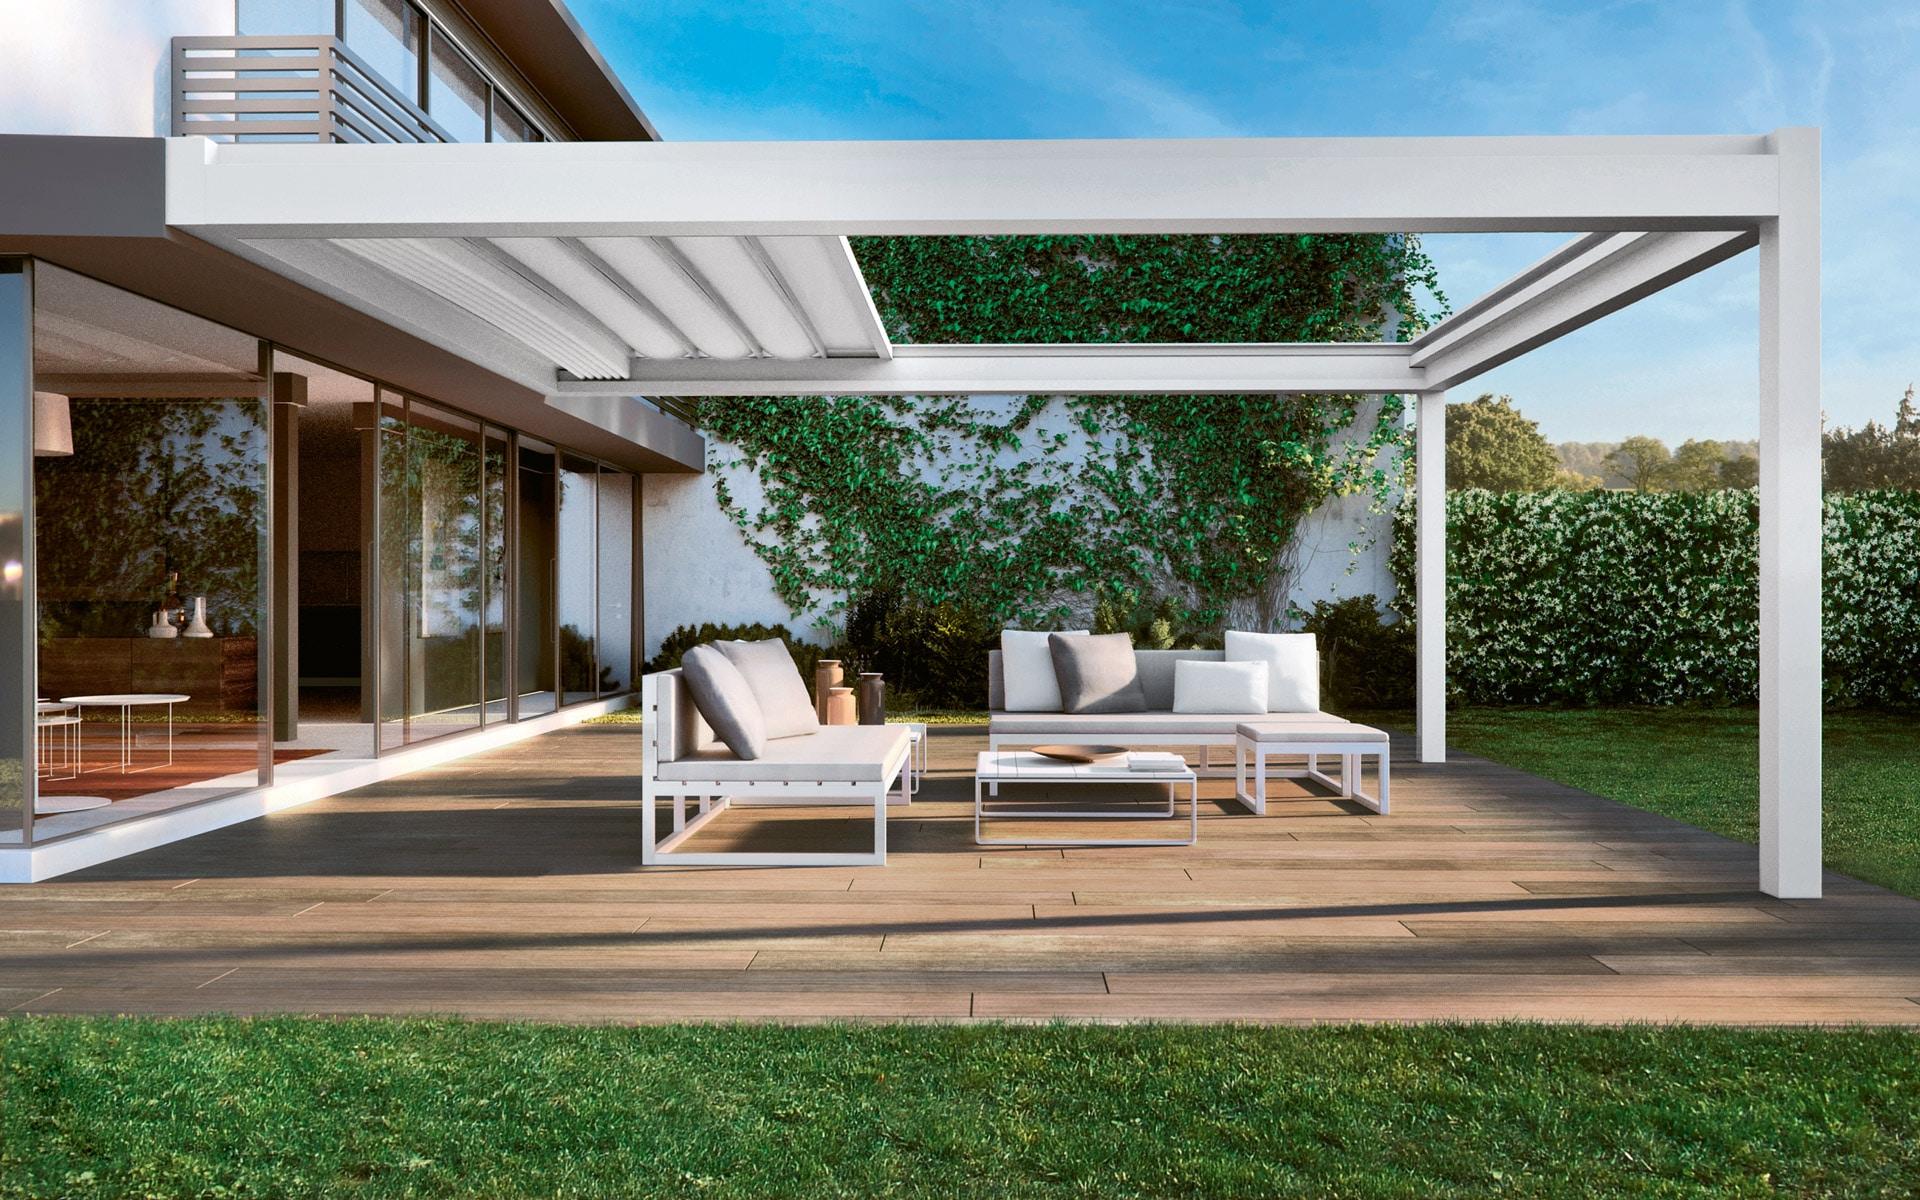 Nomo 01 a | moderne Sonnenschutzpergola, weiße Alu-Schiebemarkise halb offen bei Terrasse | Svoboda